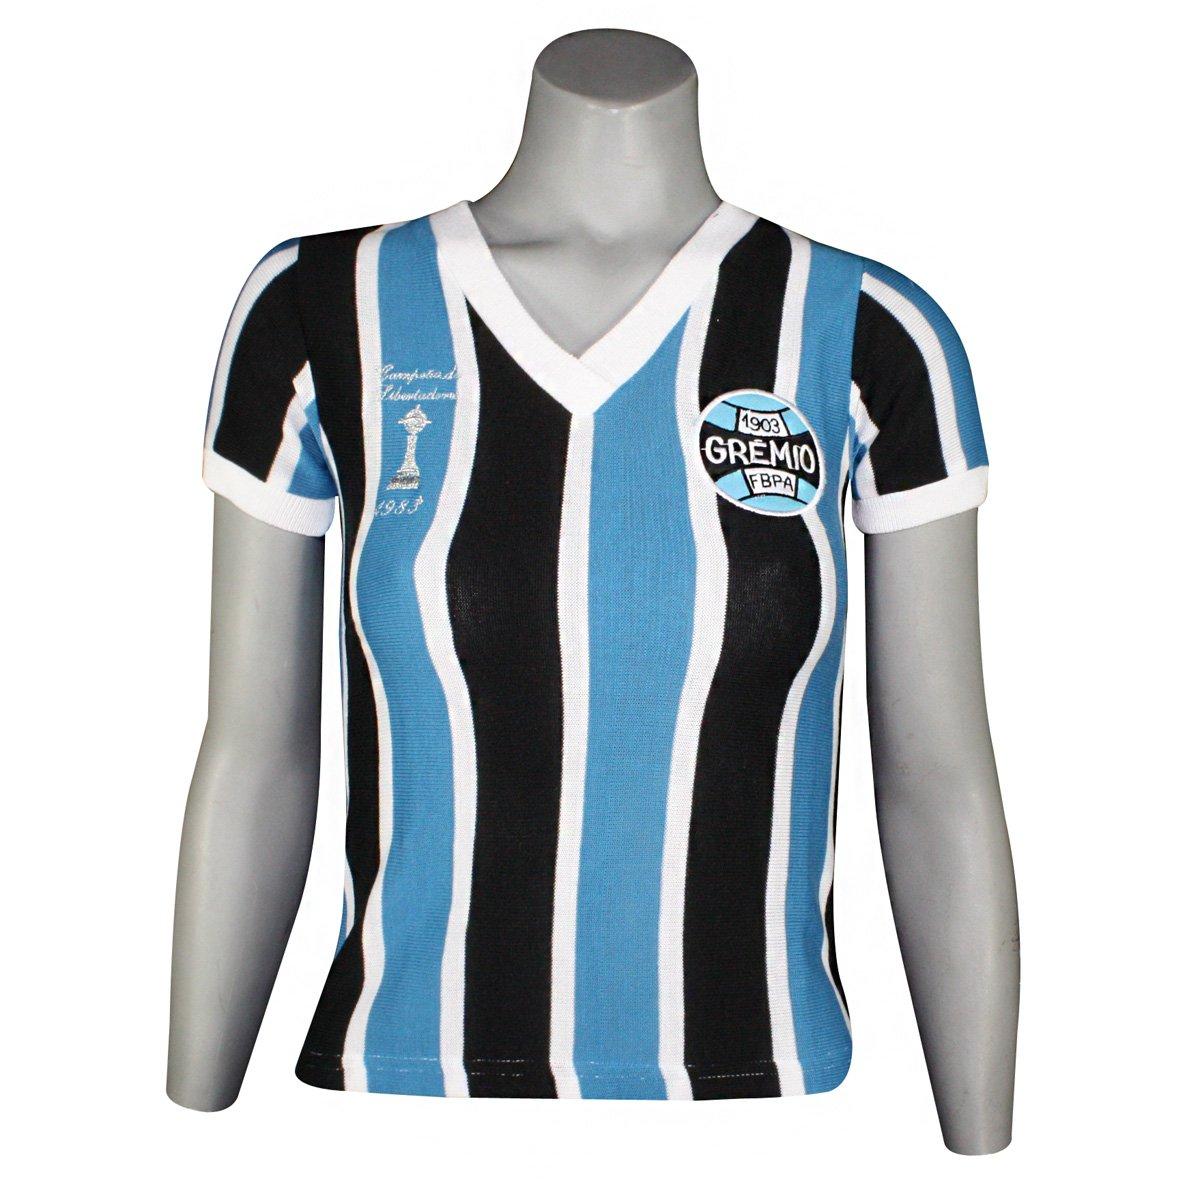 4bb16a774b Camisa Feminina Dilva Oldoni Grêmio Retro Renato Gaúcho